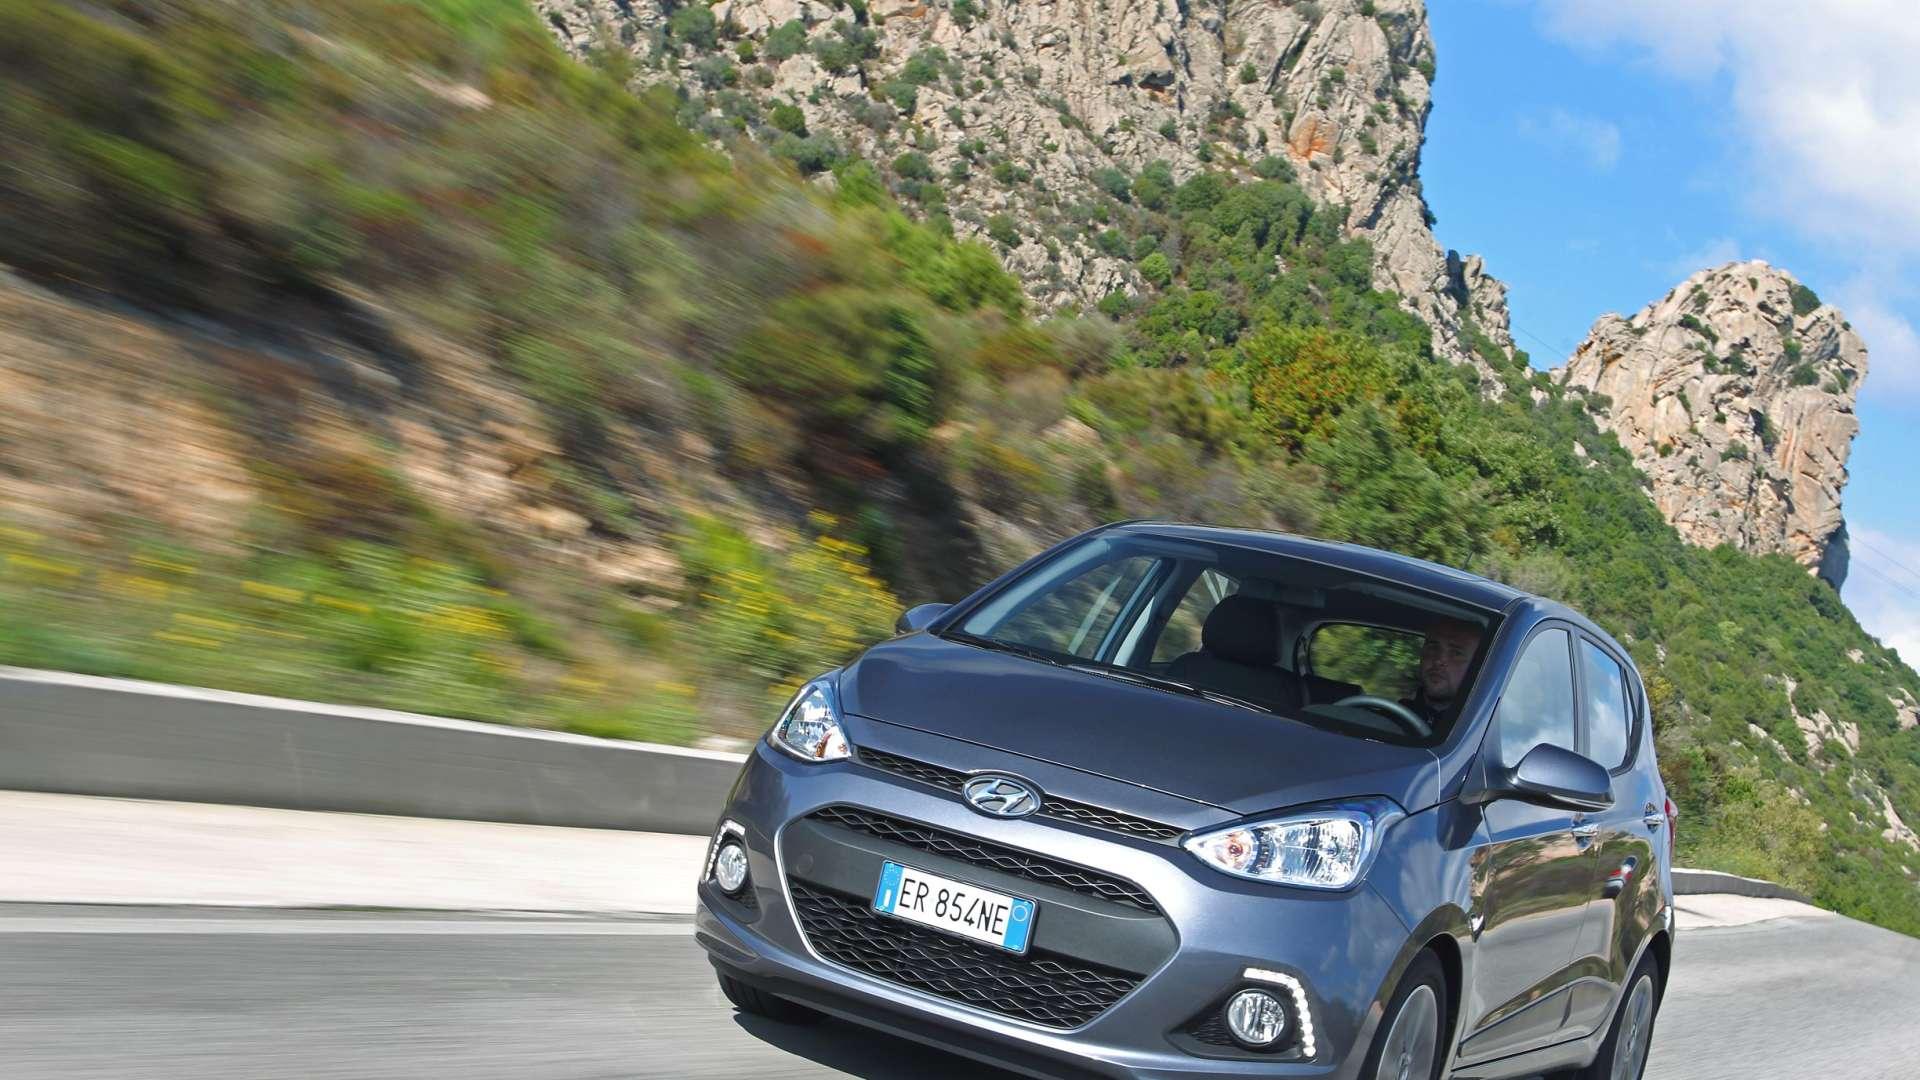 Hyundai umacnia swoją pozycję motoryzacja mNew Generation i10 exterior 5